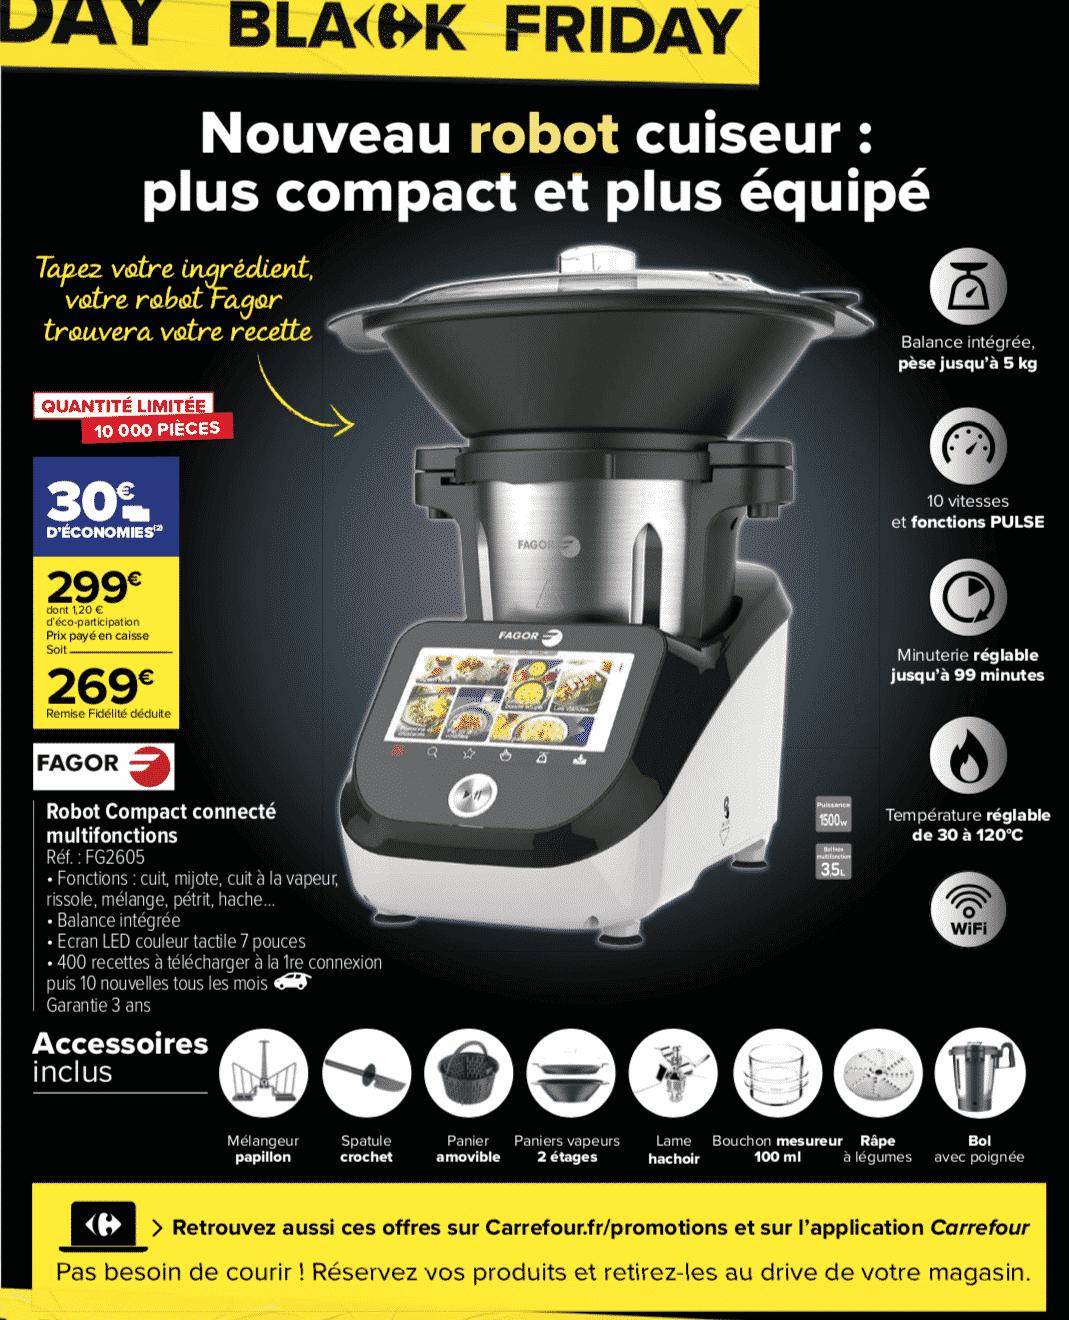 Black Friday robot Cuiseur Carrefour Market : remise sur le tout nouveau modèle!